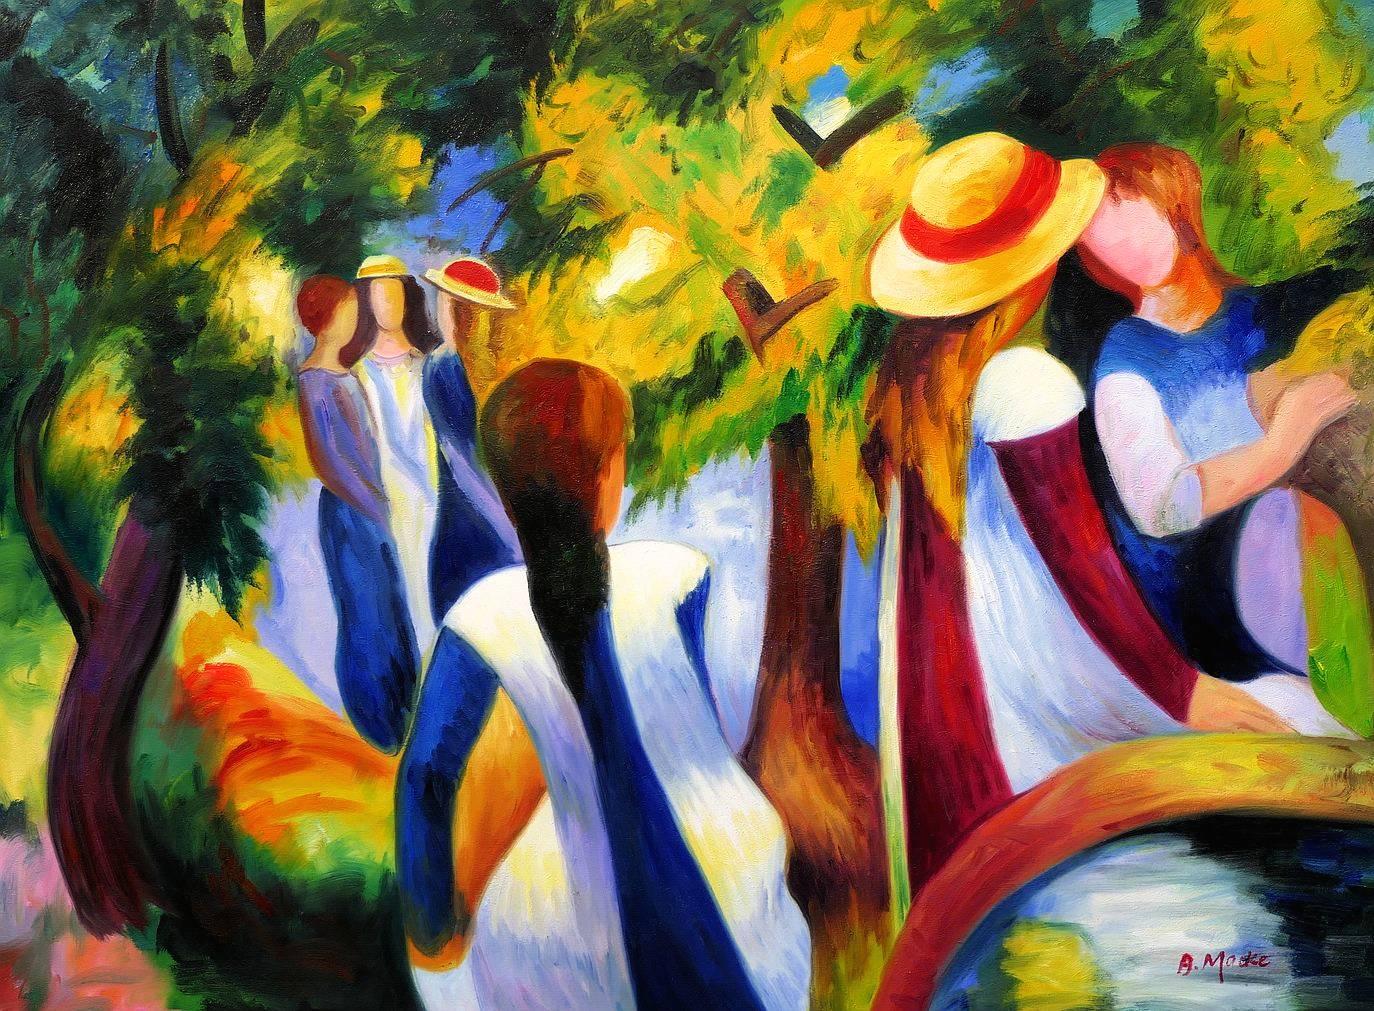 August Macke - Mädchen unter Bäumen k97171 90x120cm beeindruckendes Ölbild